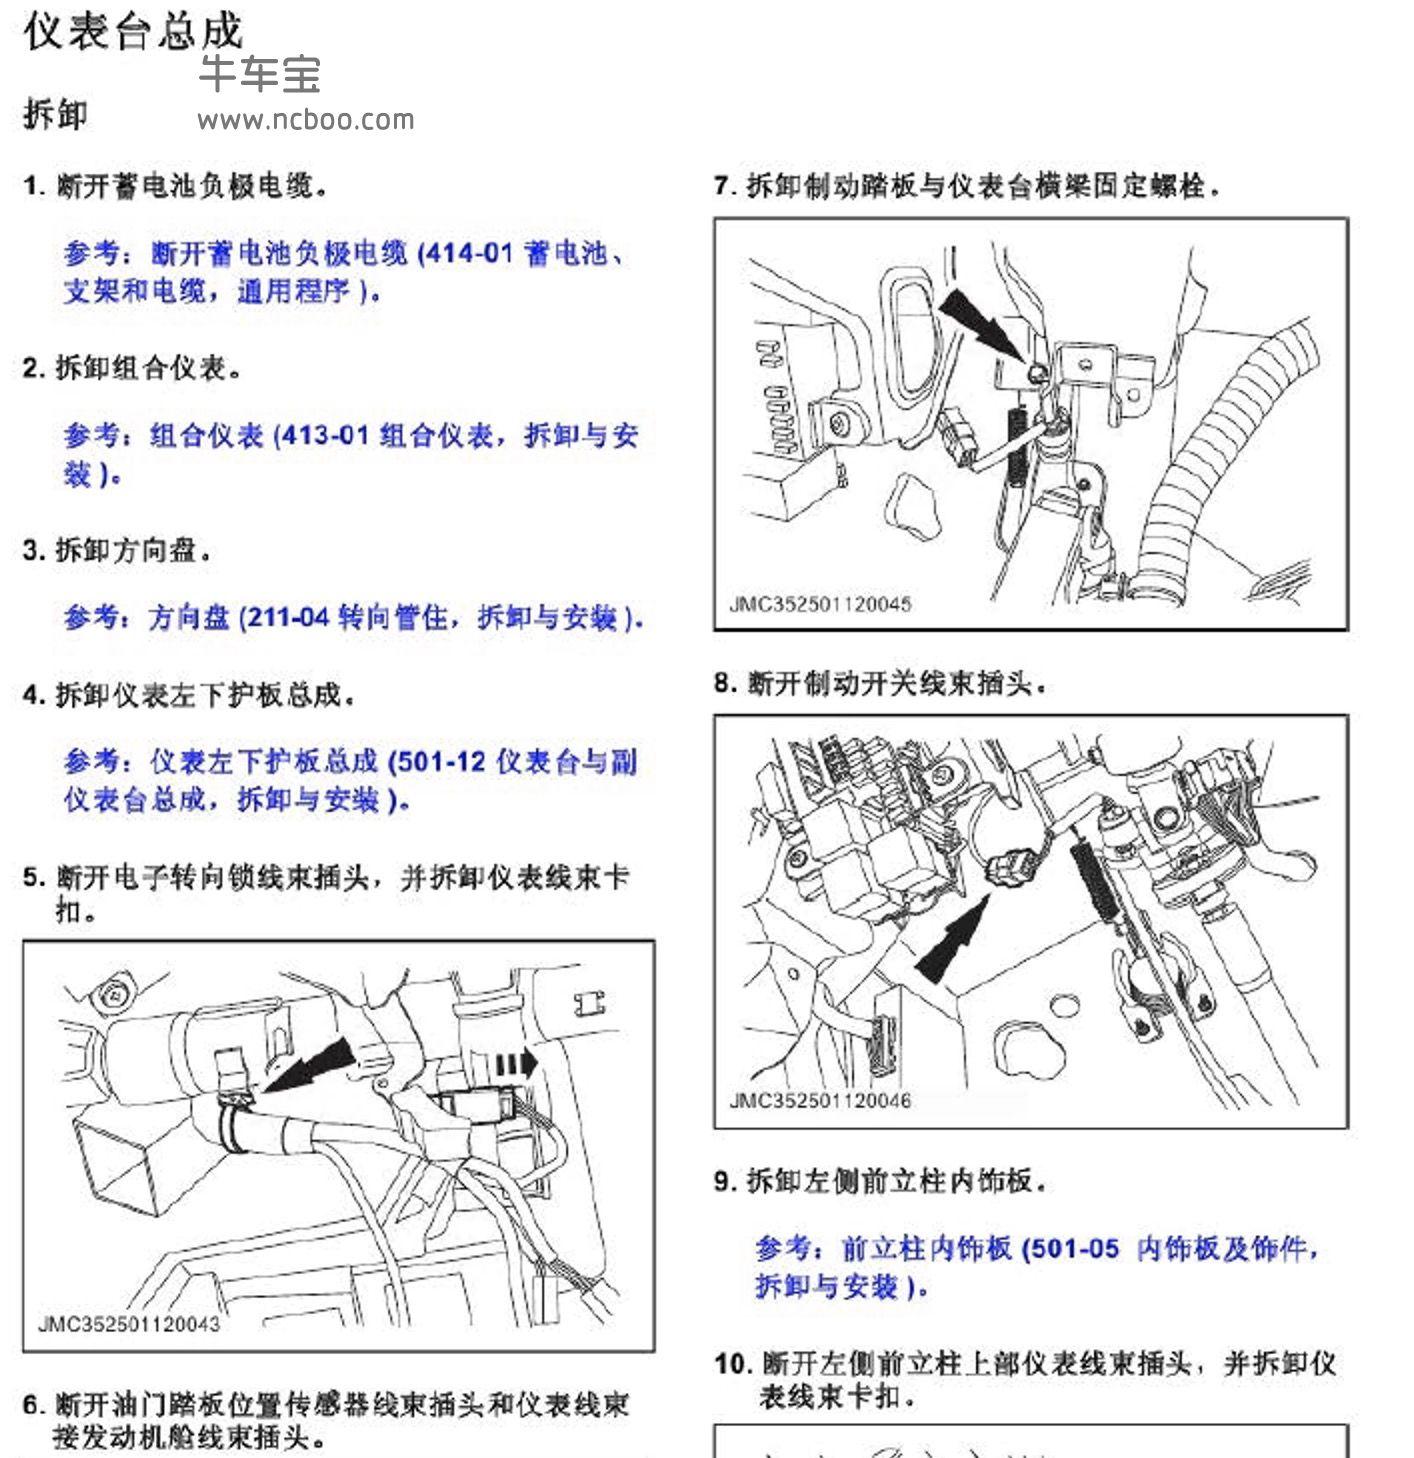 2017-2018款江铃域虎原厂维修手册和电路图下载